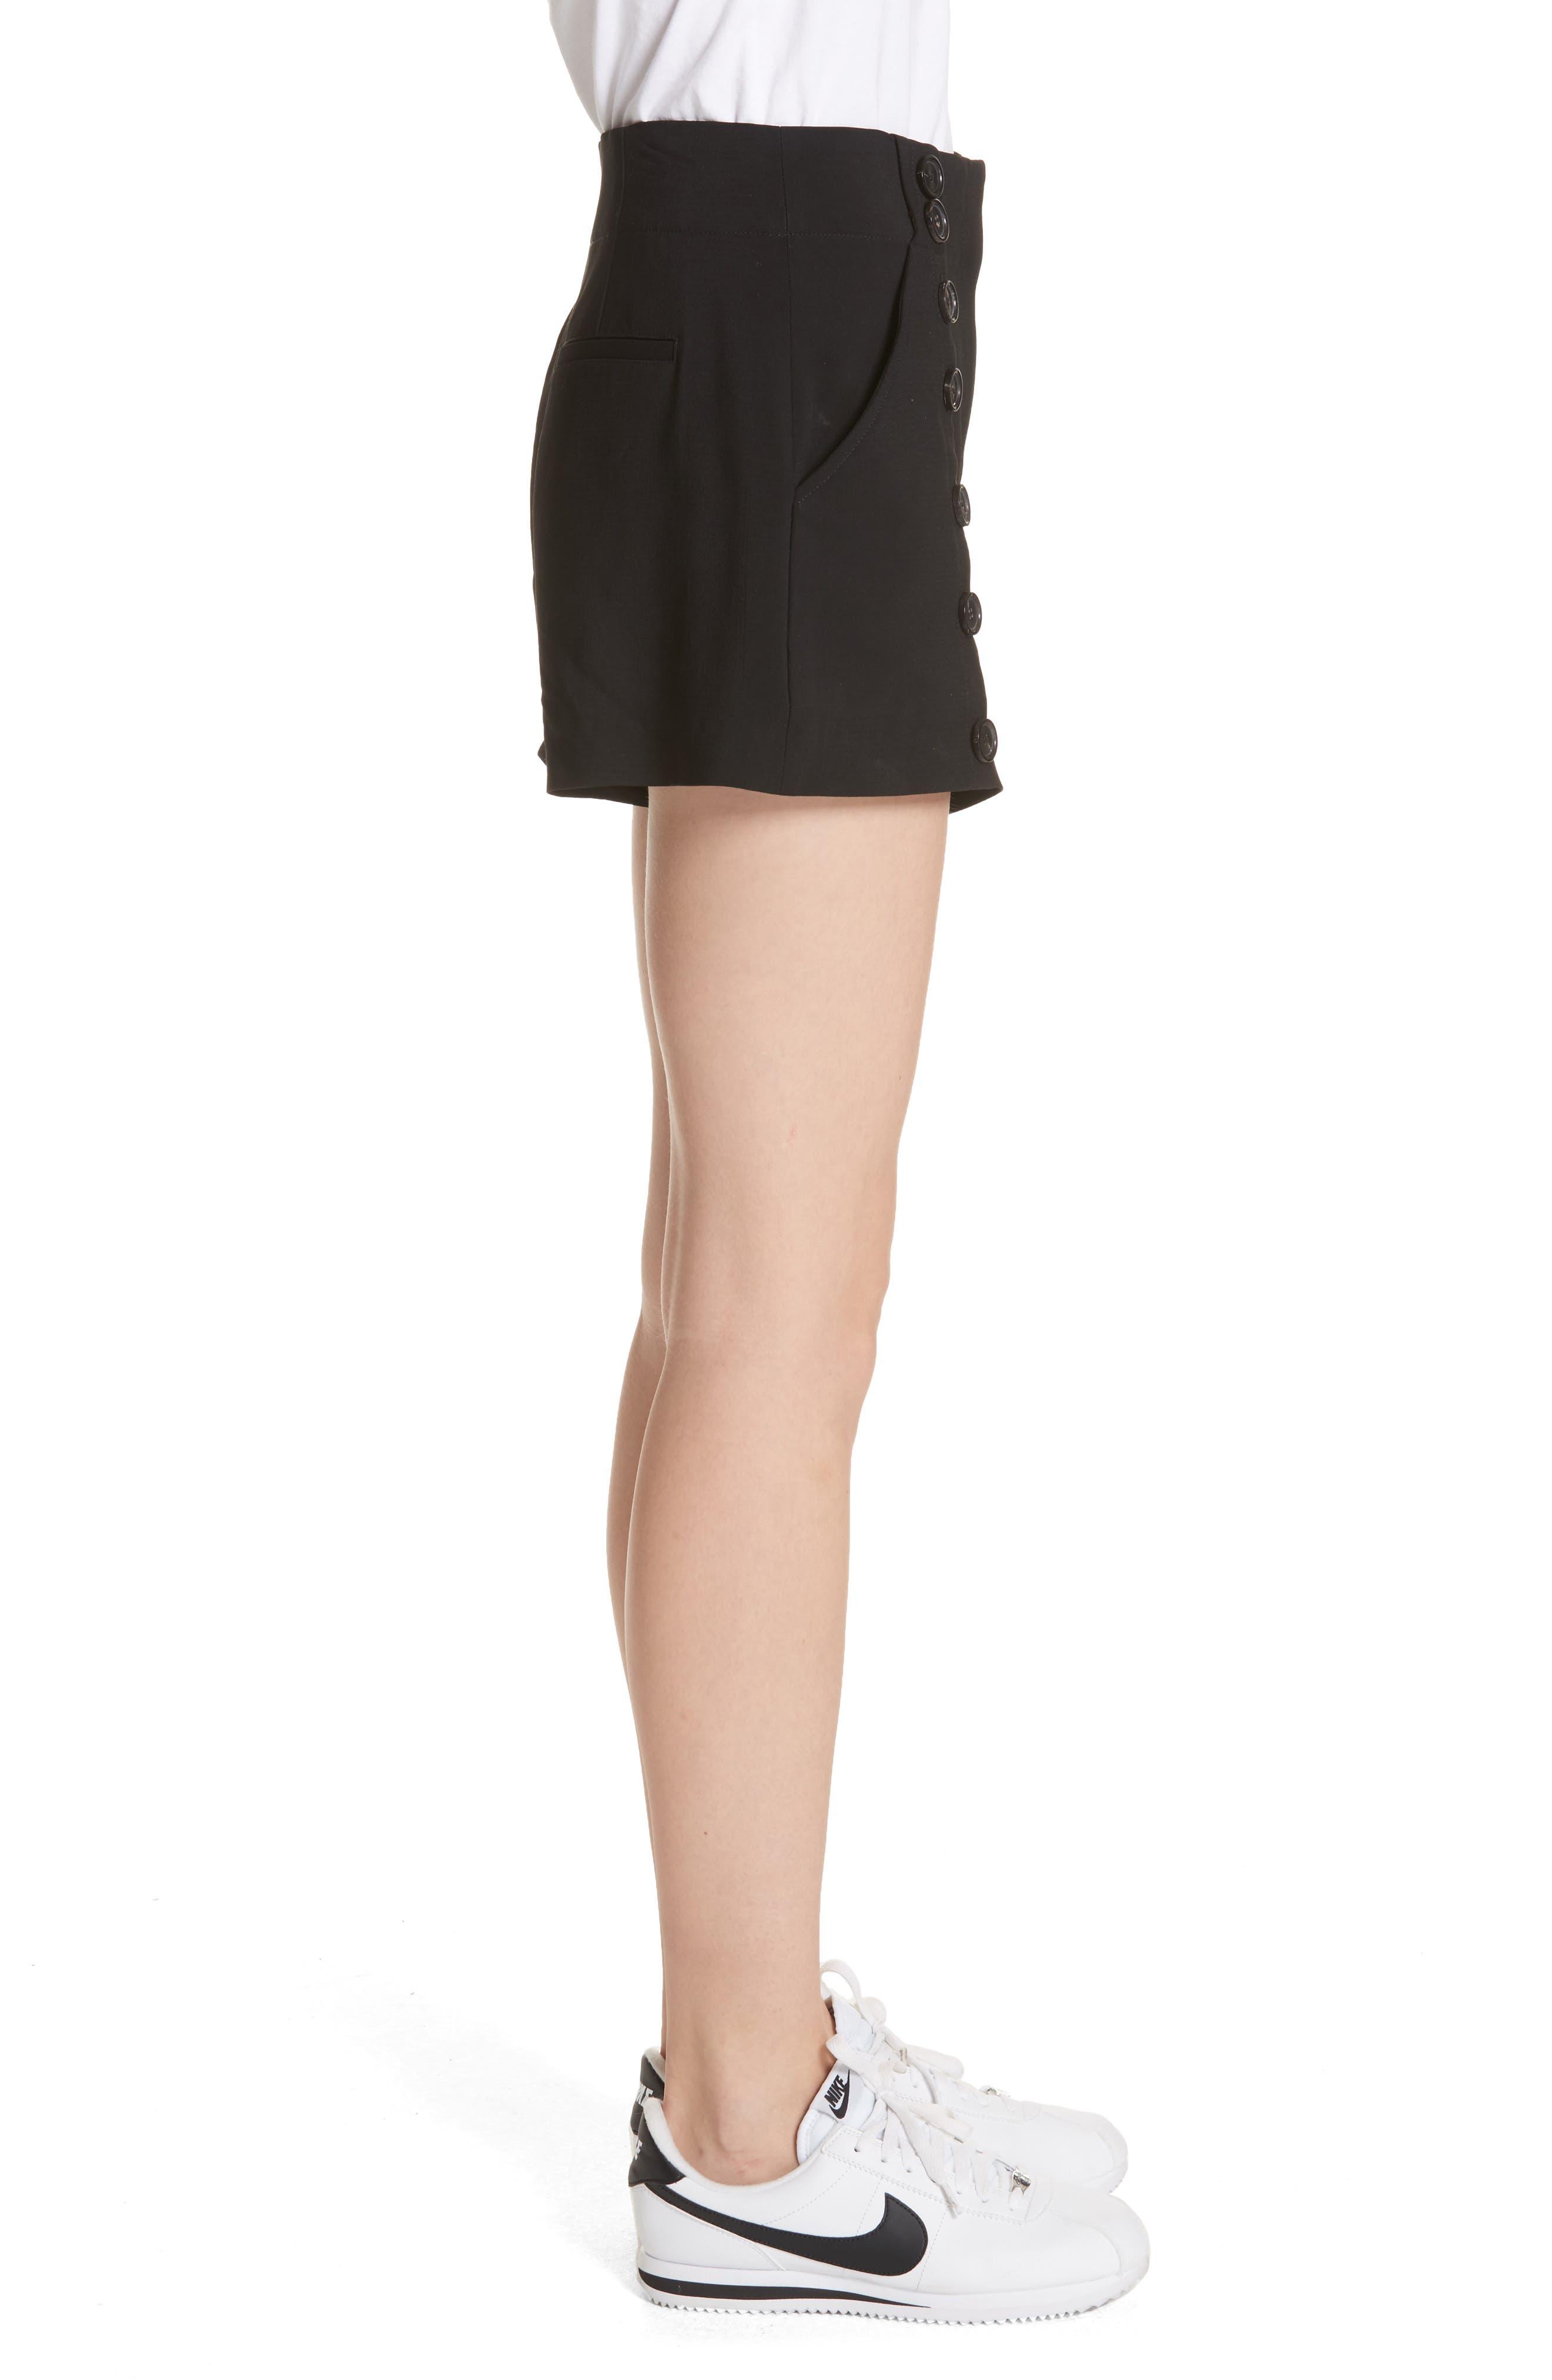 Issac Shorts,                             Alternate thumbnail 3, color,                             Black